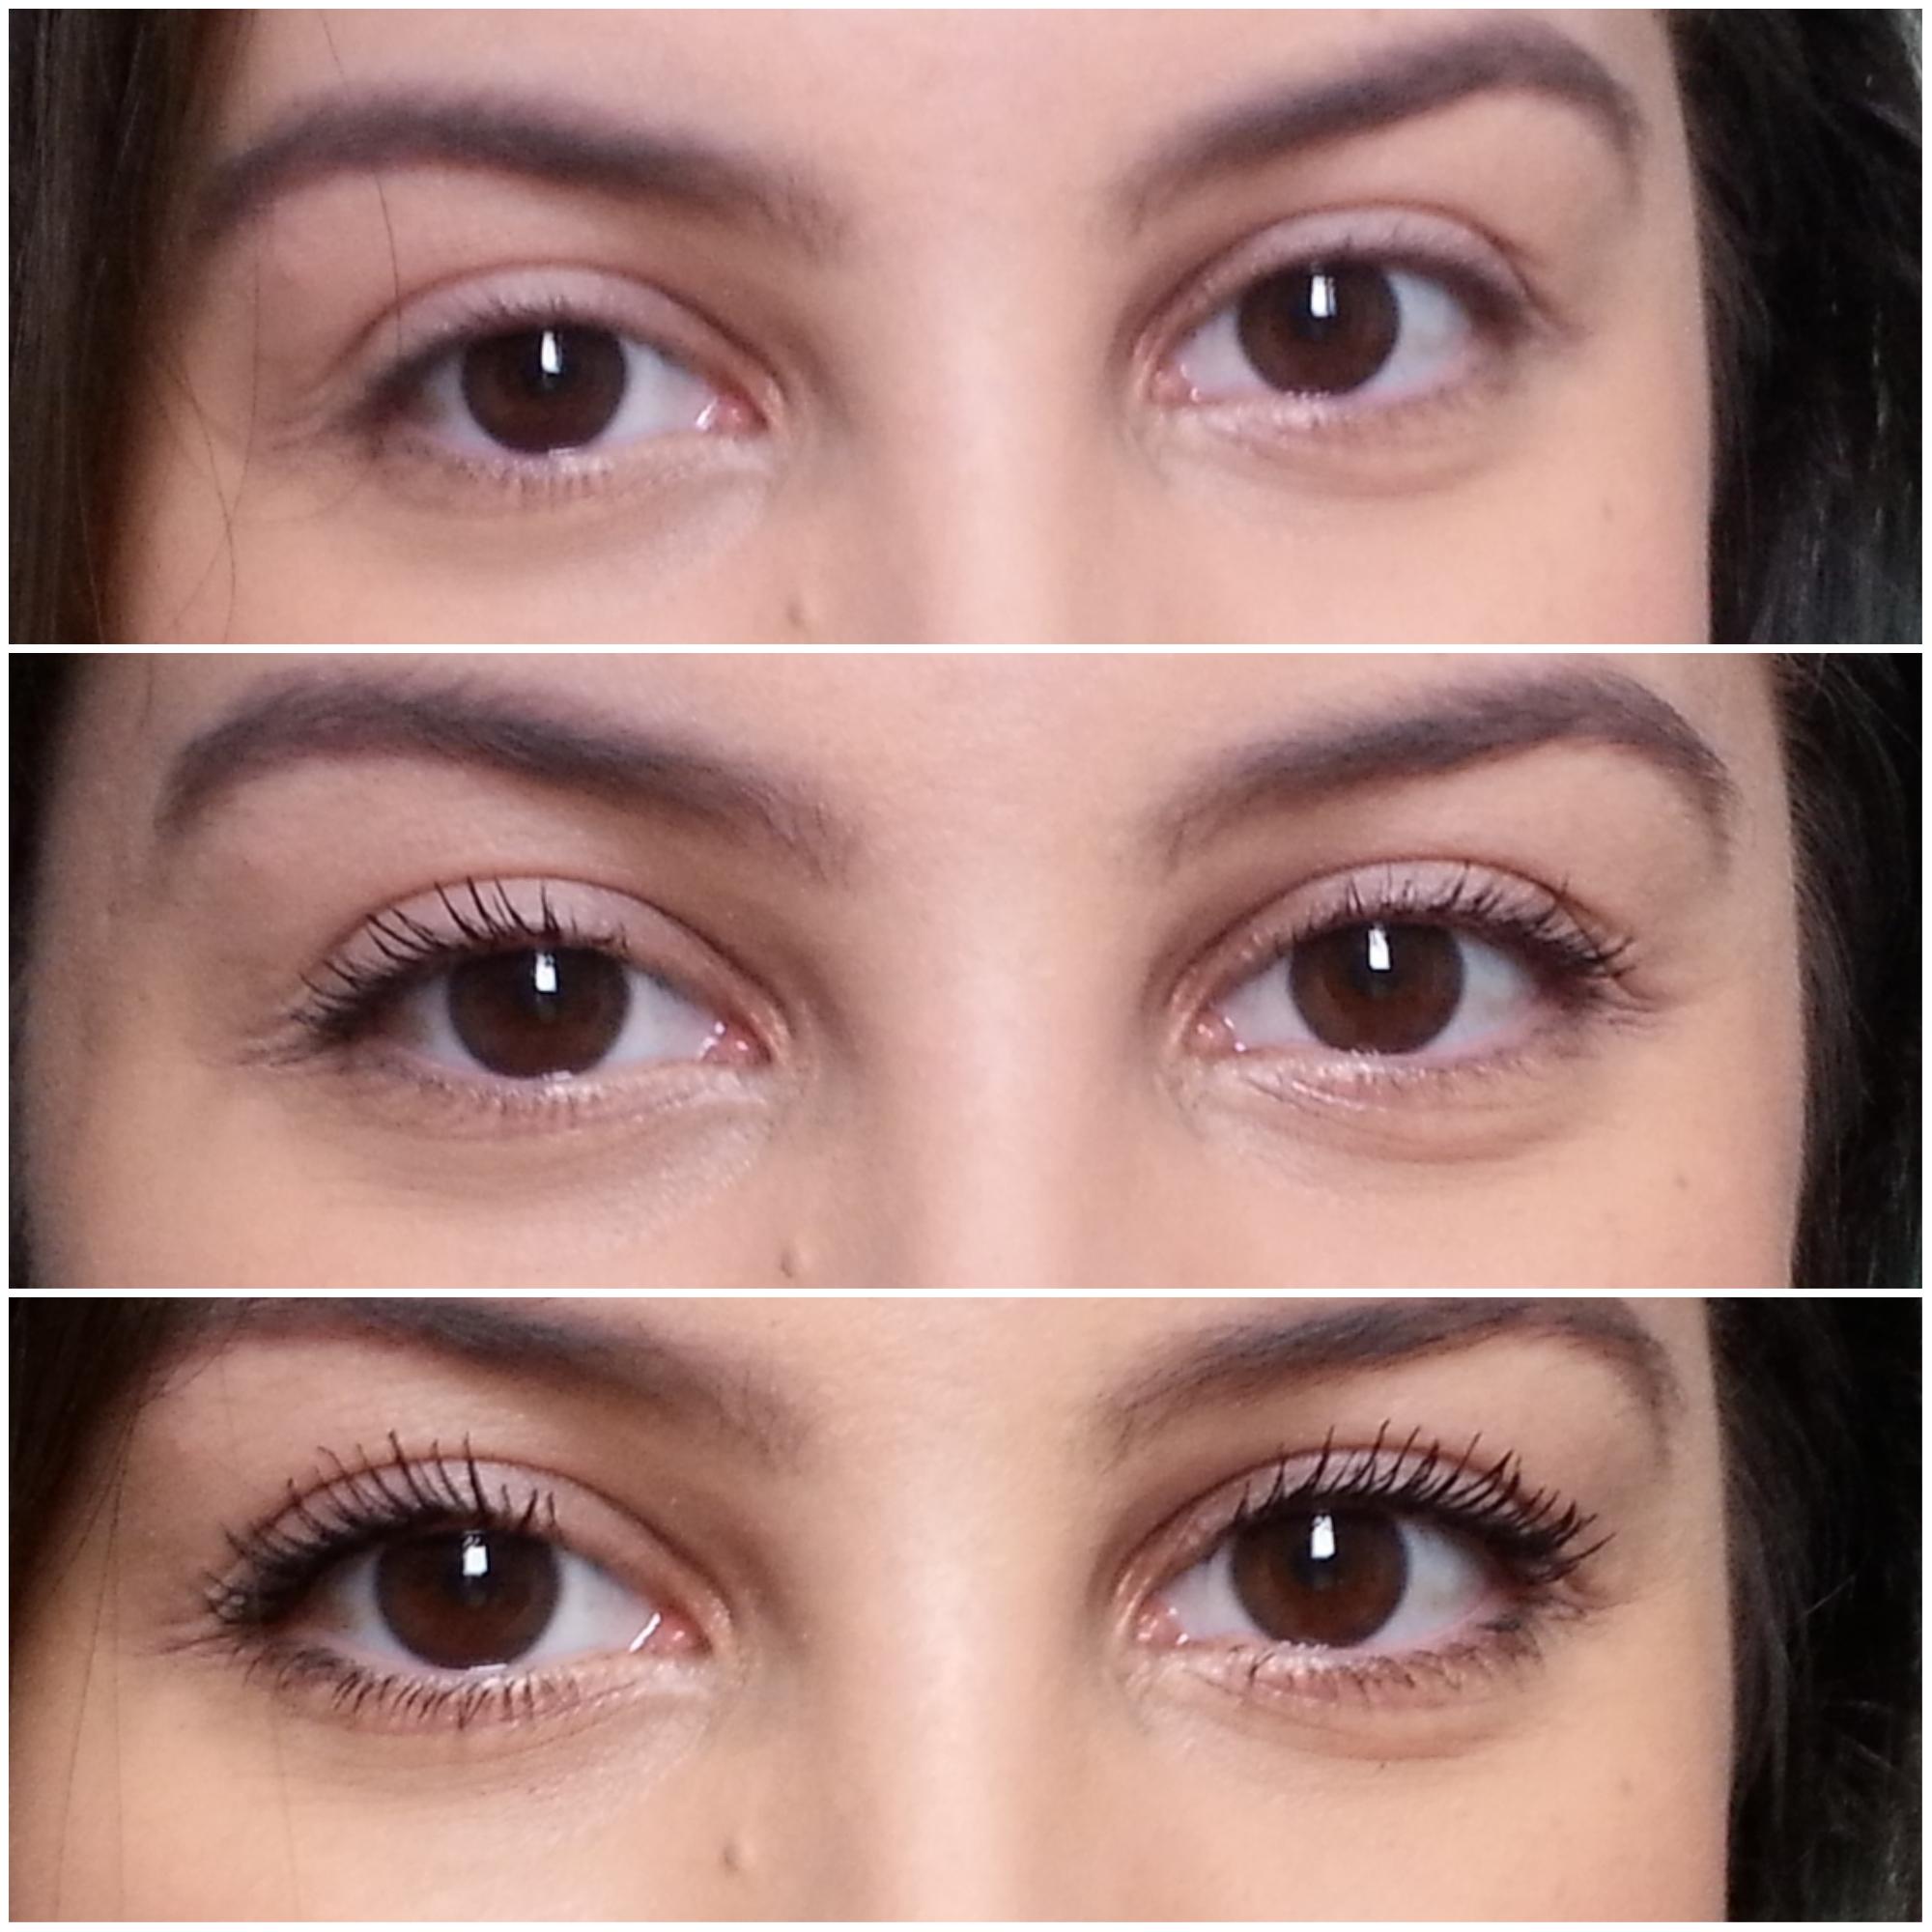 máscara cílios sensacionais nos olhos